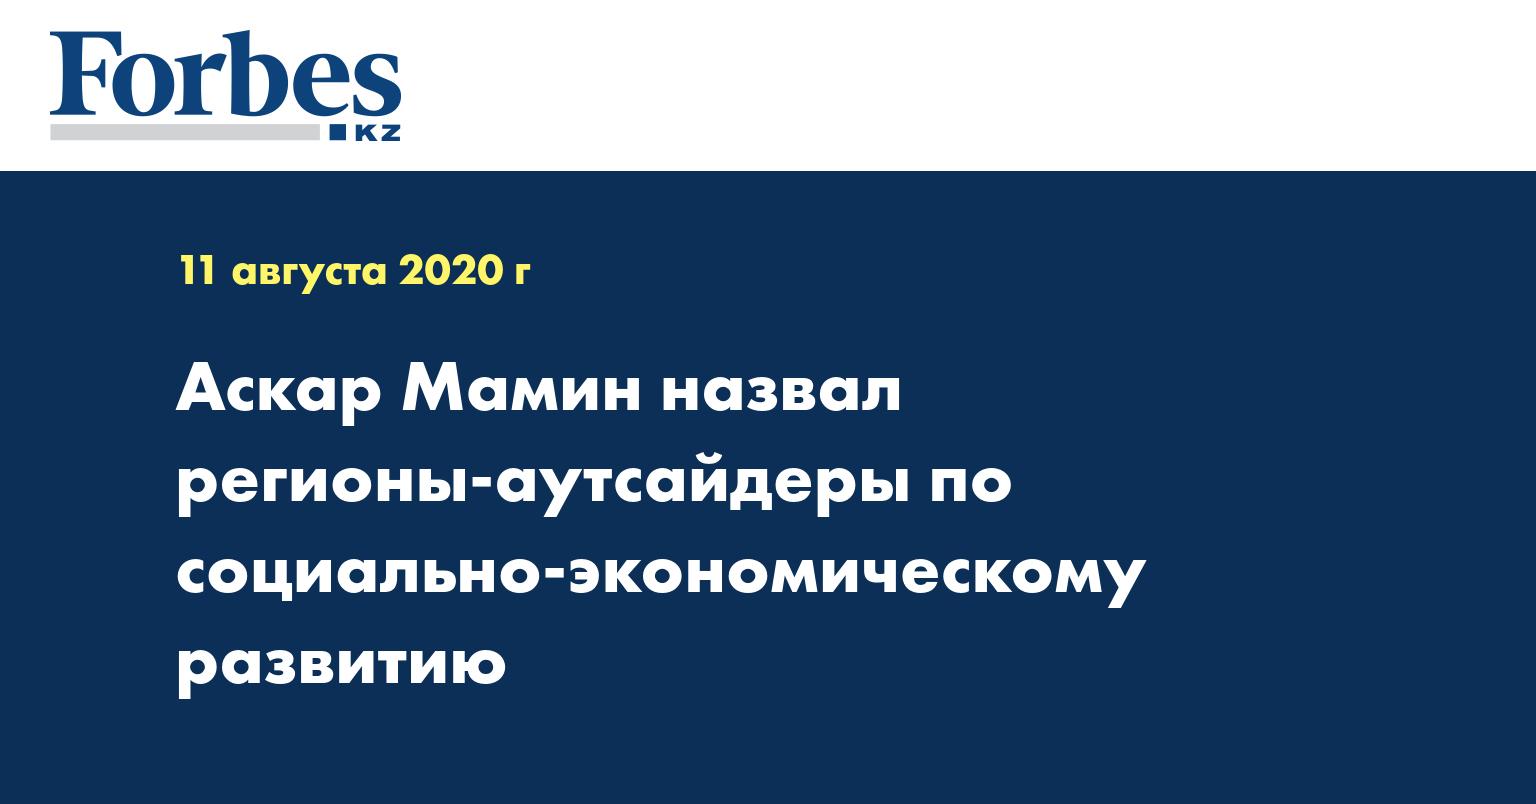 Аскар Мамин назвал регионы-аутсайдеры по социально-экономическому развитию